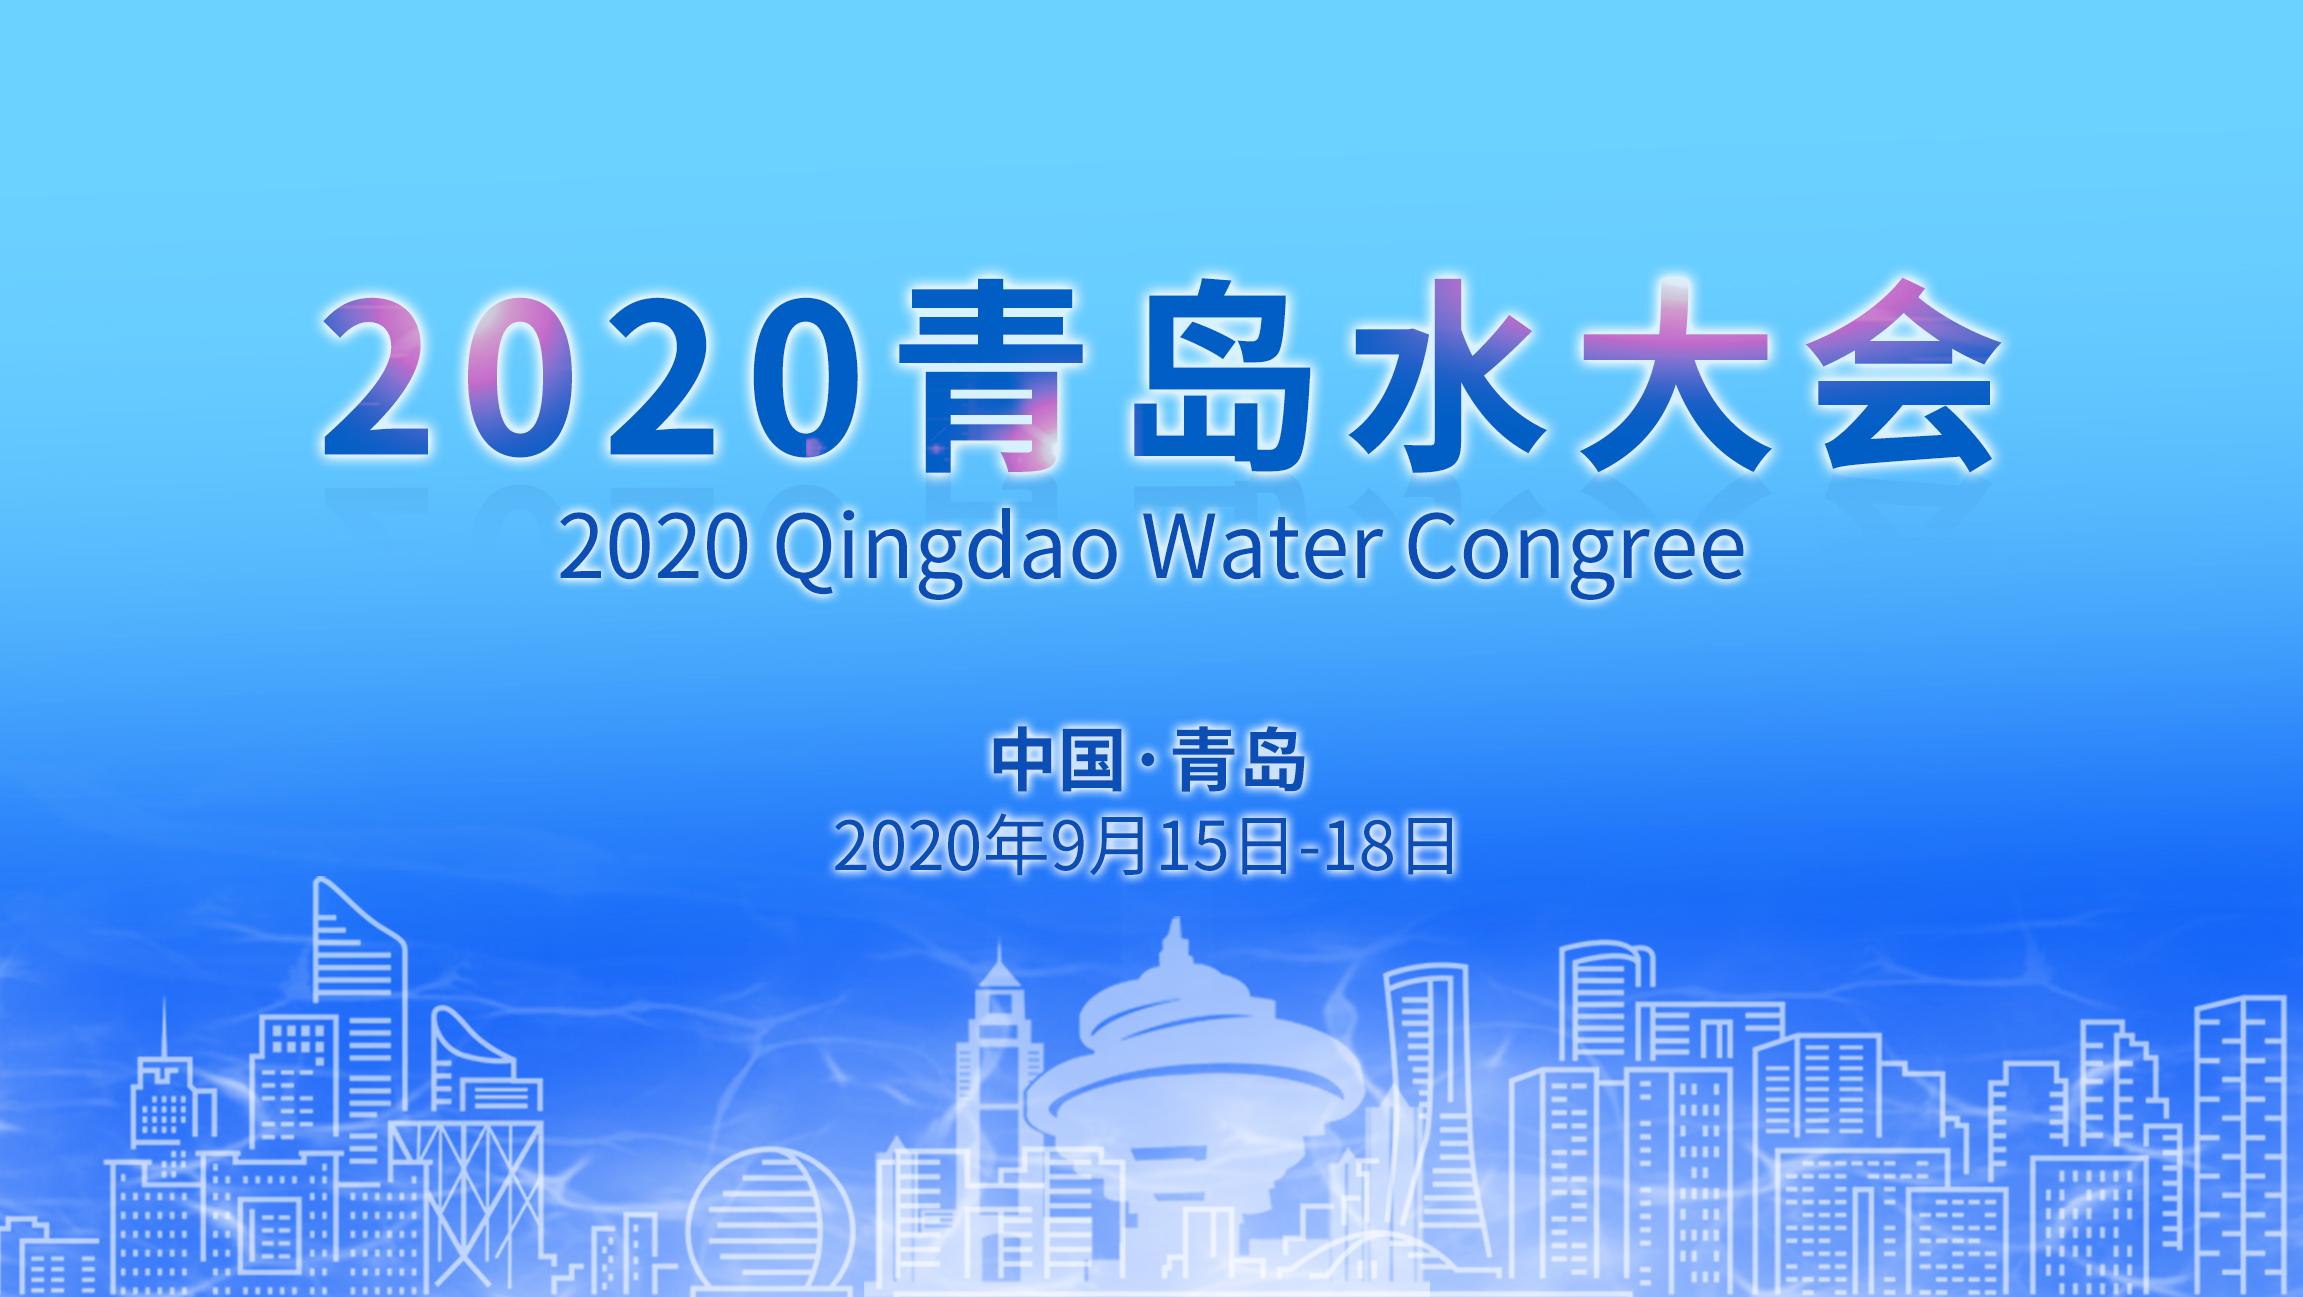 2020(第十五届)青岛国际水大会开幕式直播